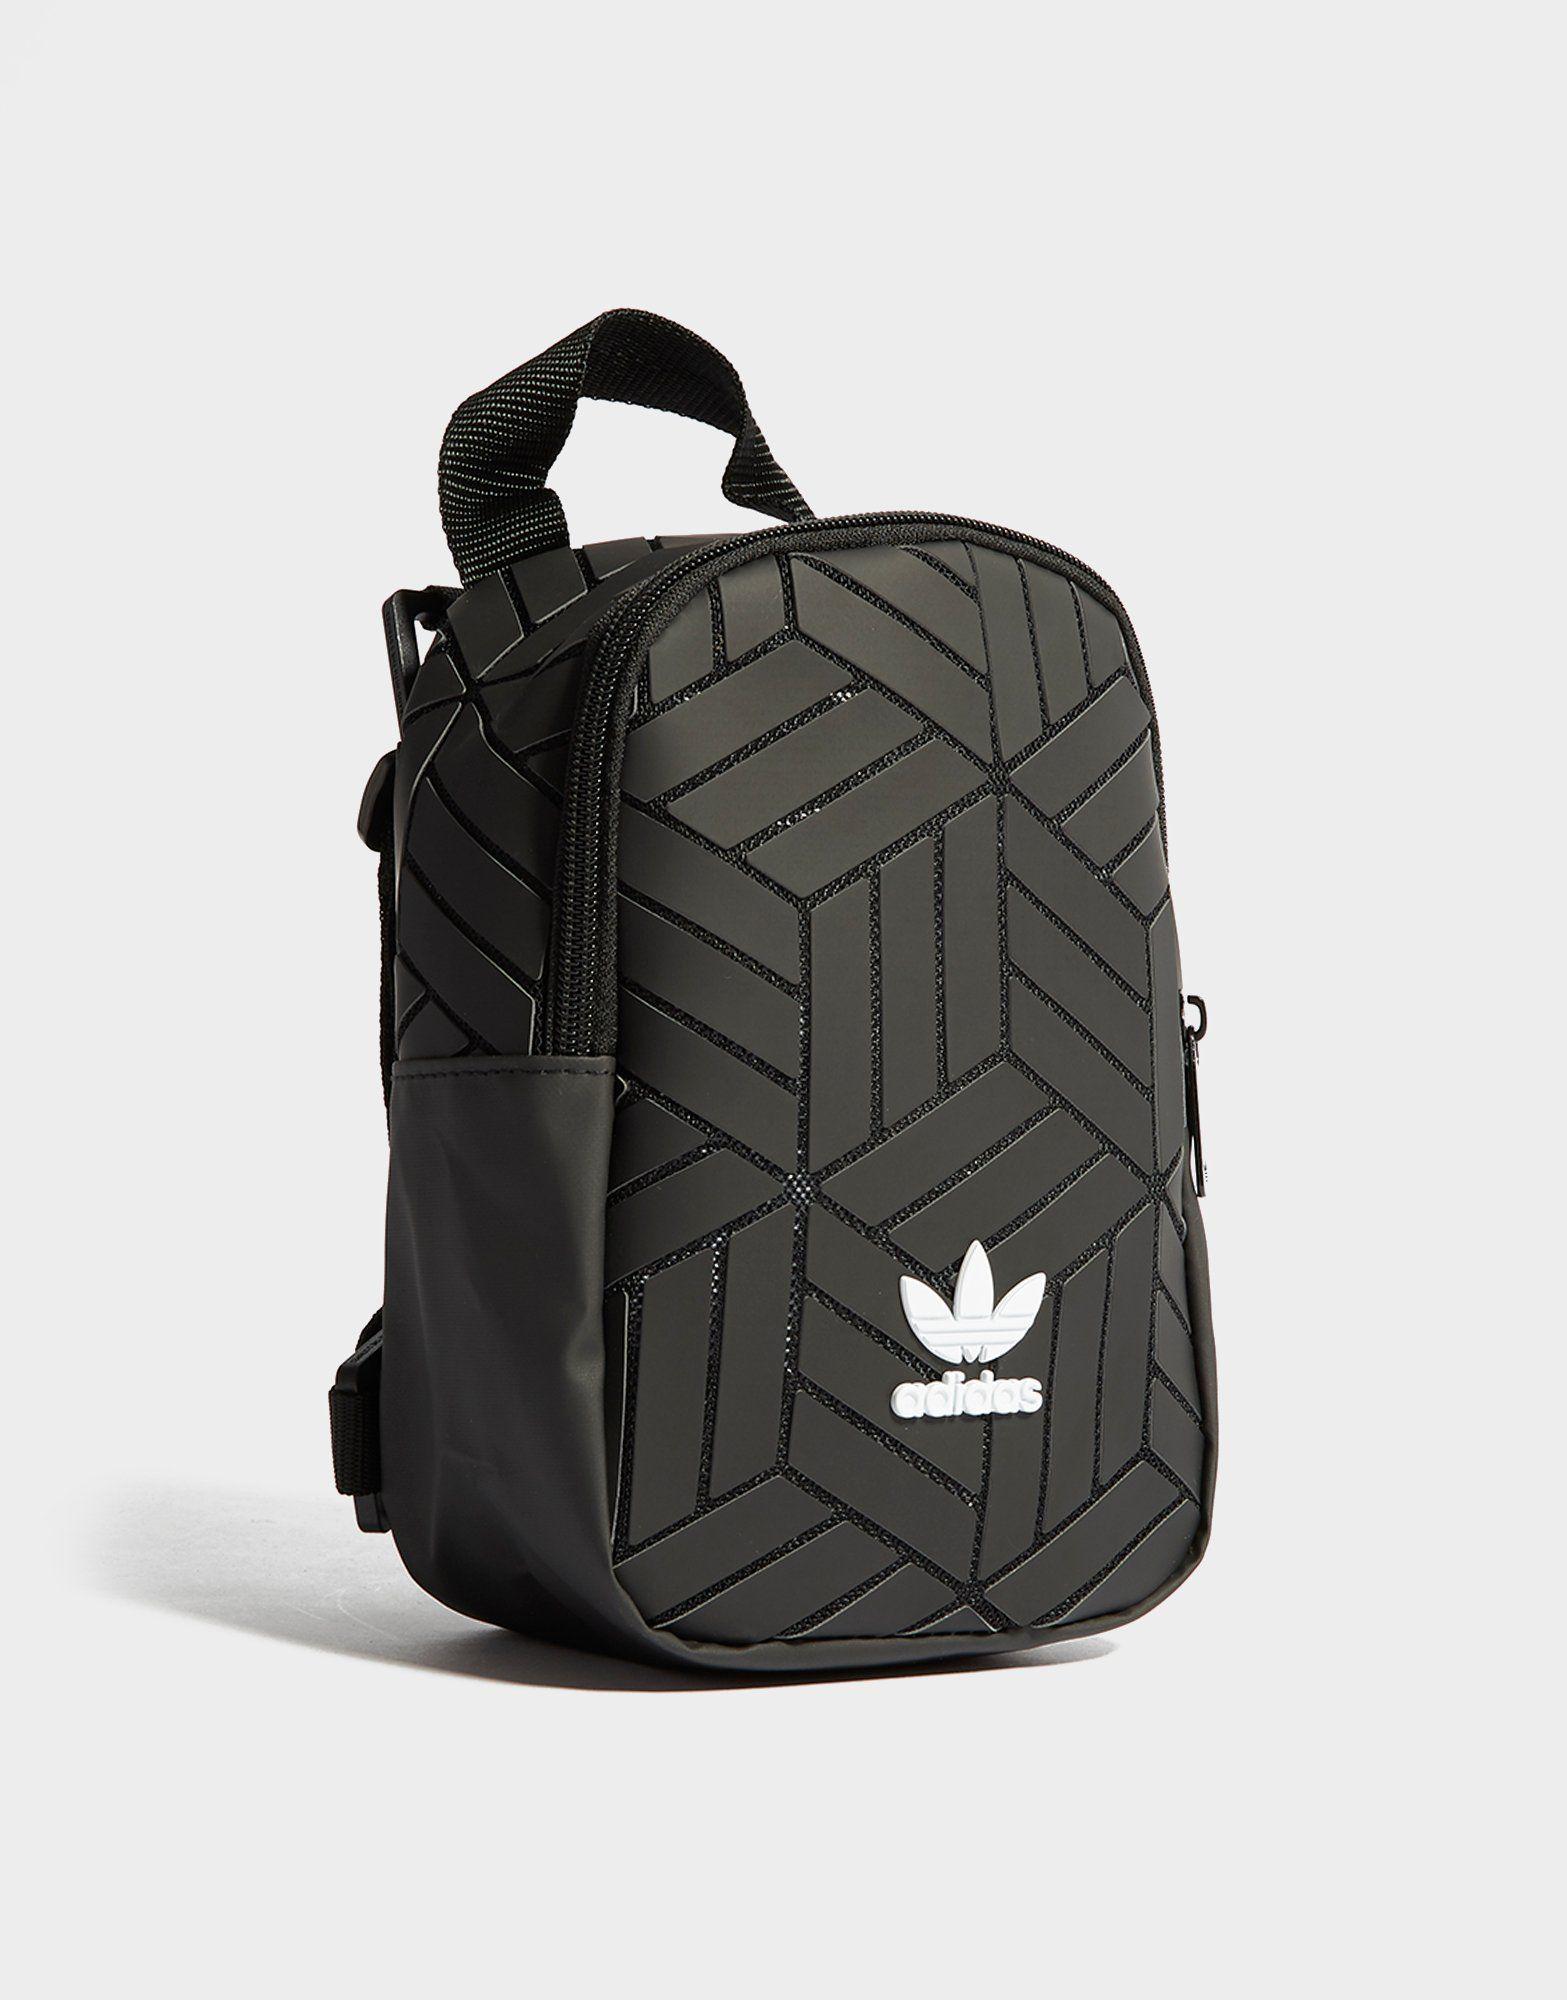 Adidas Originals 3 D Mini Backpack by Adidas Originals